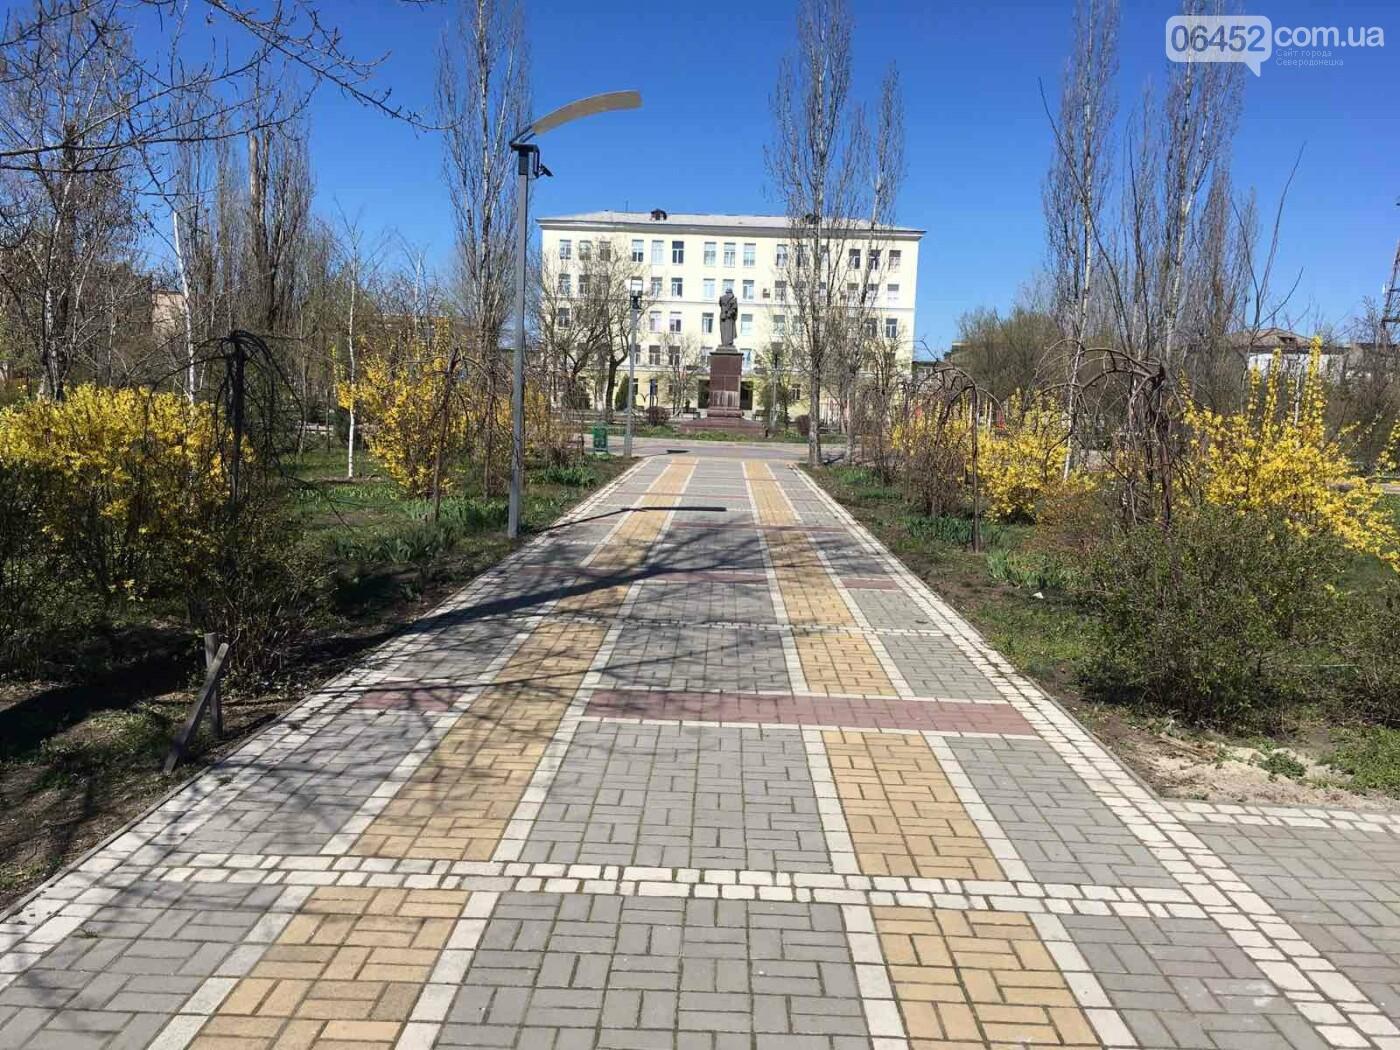 Весна в Северодонецке. Фотопрогулка, фото-15